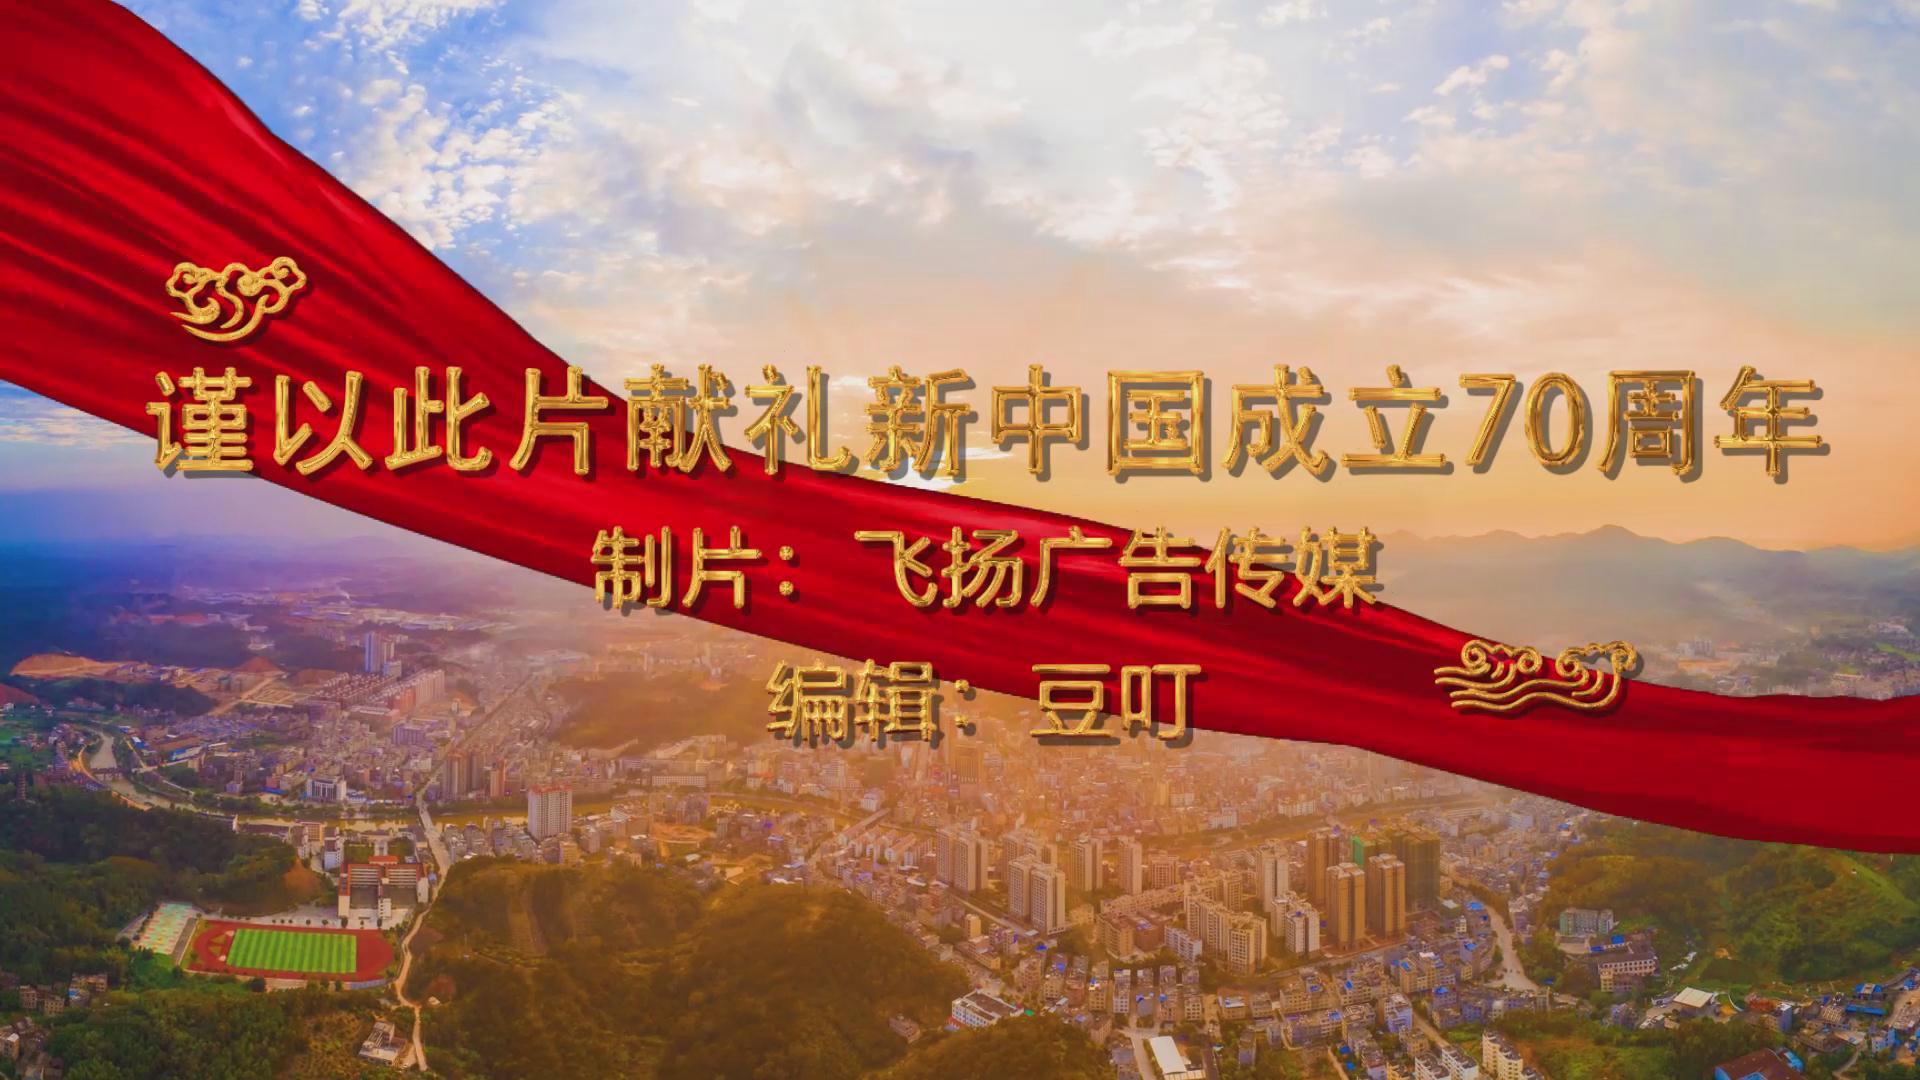 《我和我的祖国》浦北县风景篇18.jpg